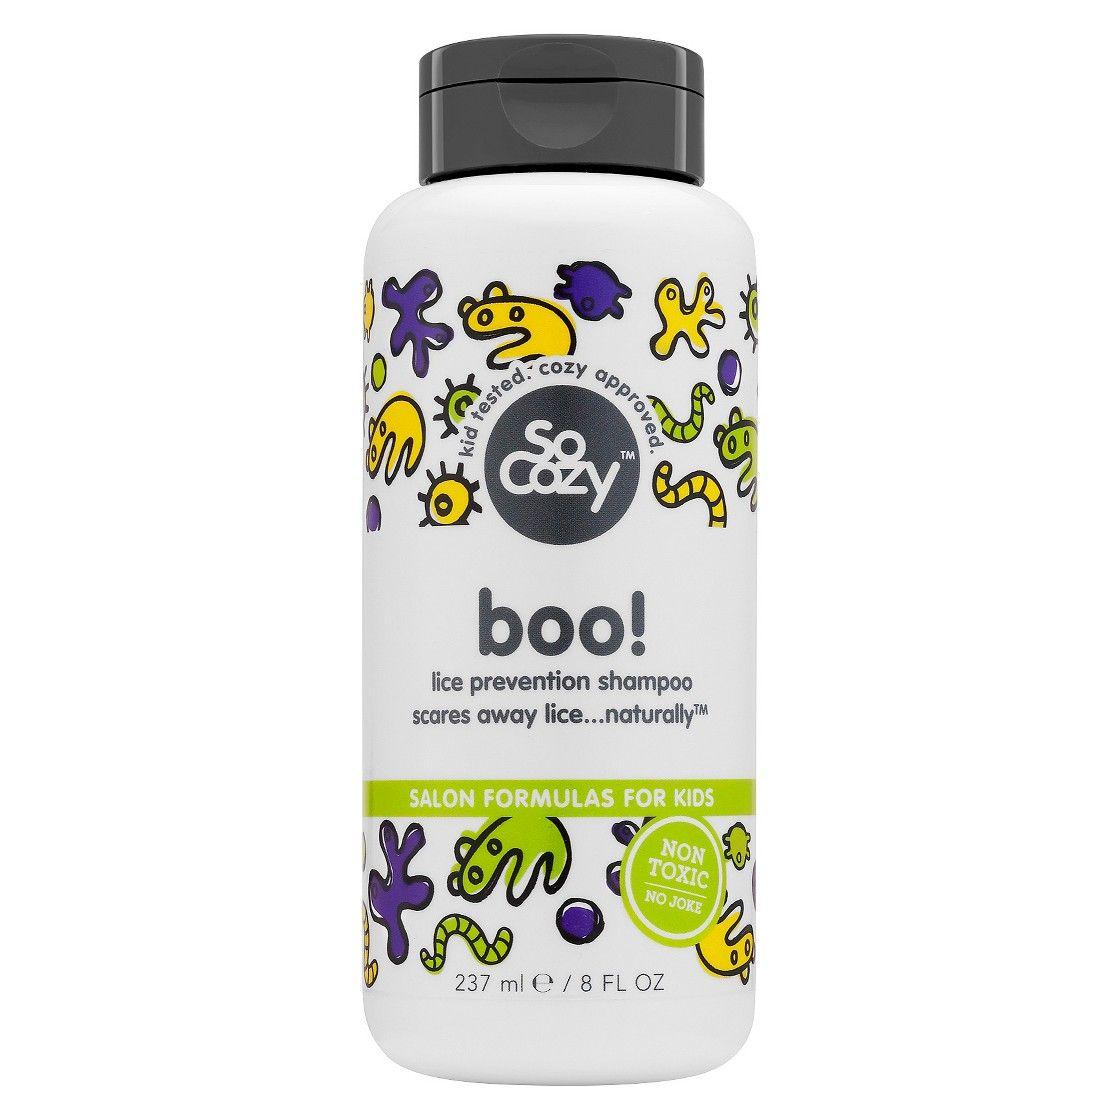 Socozy boo lice shampoo oz lice prevention and lice shampoo